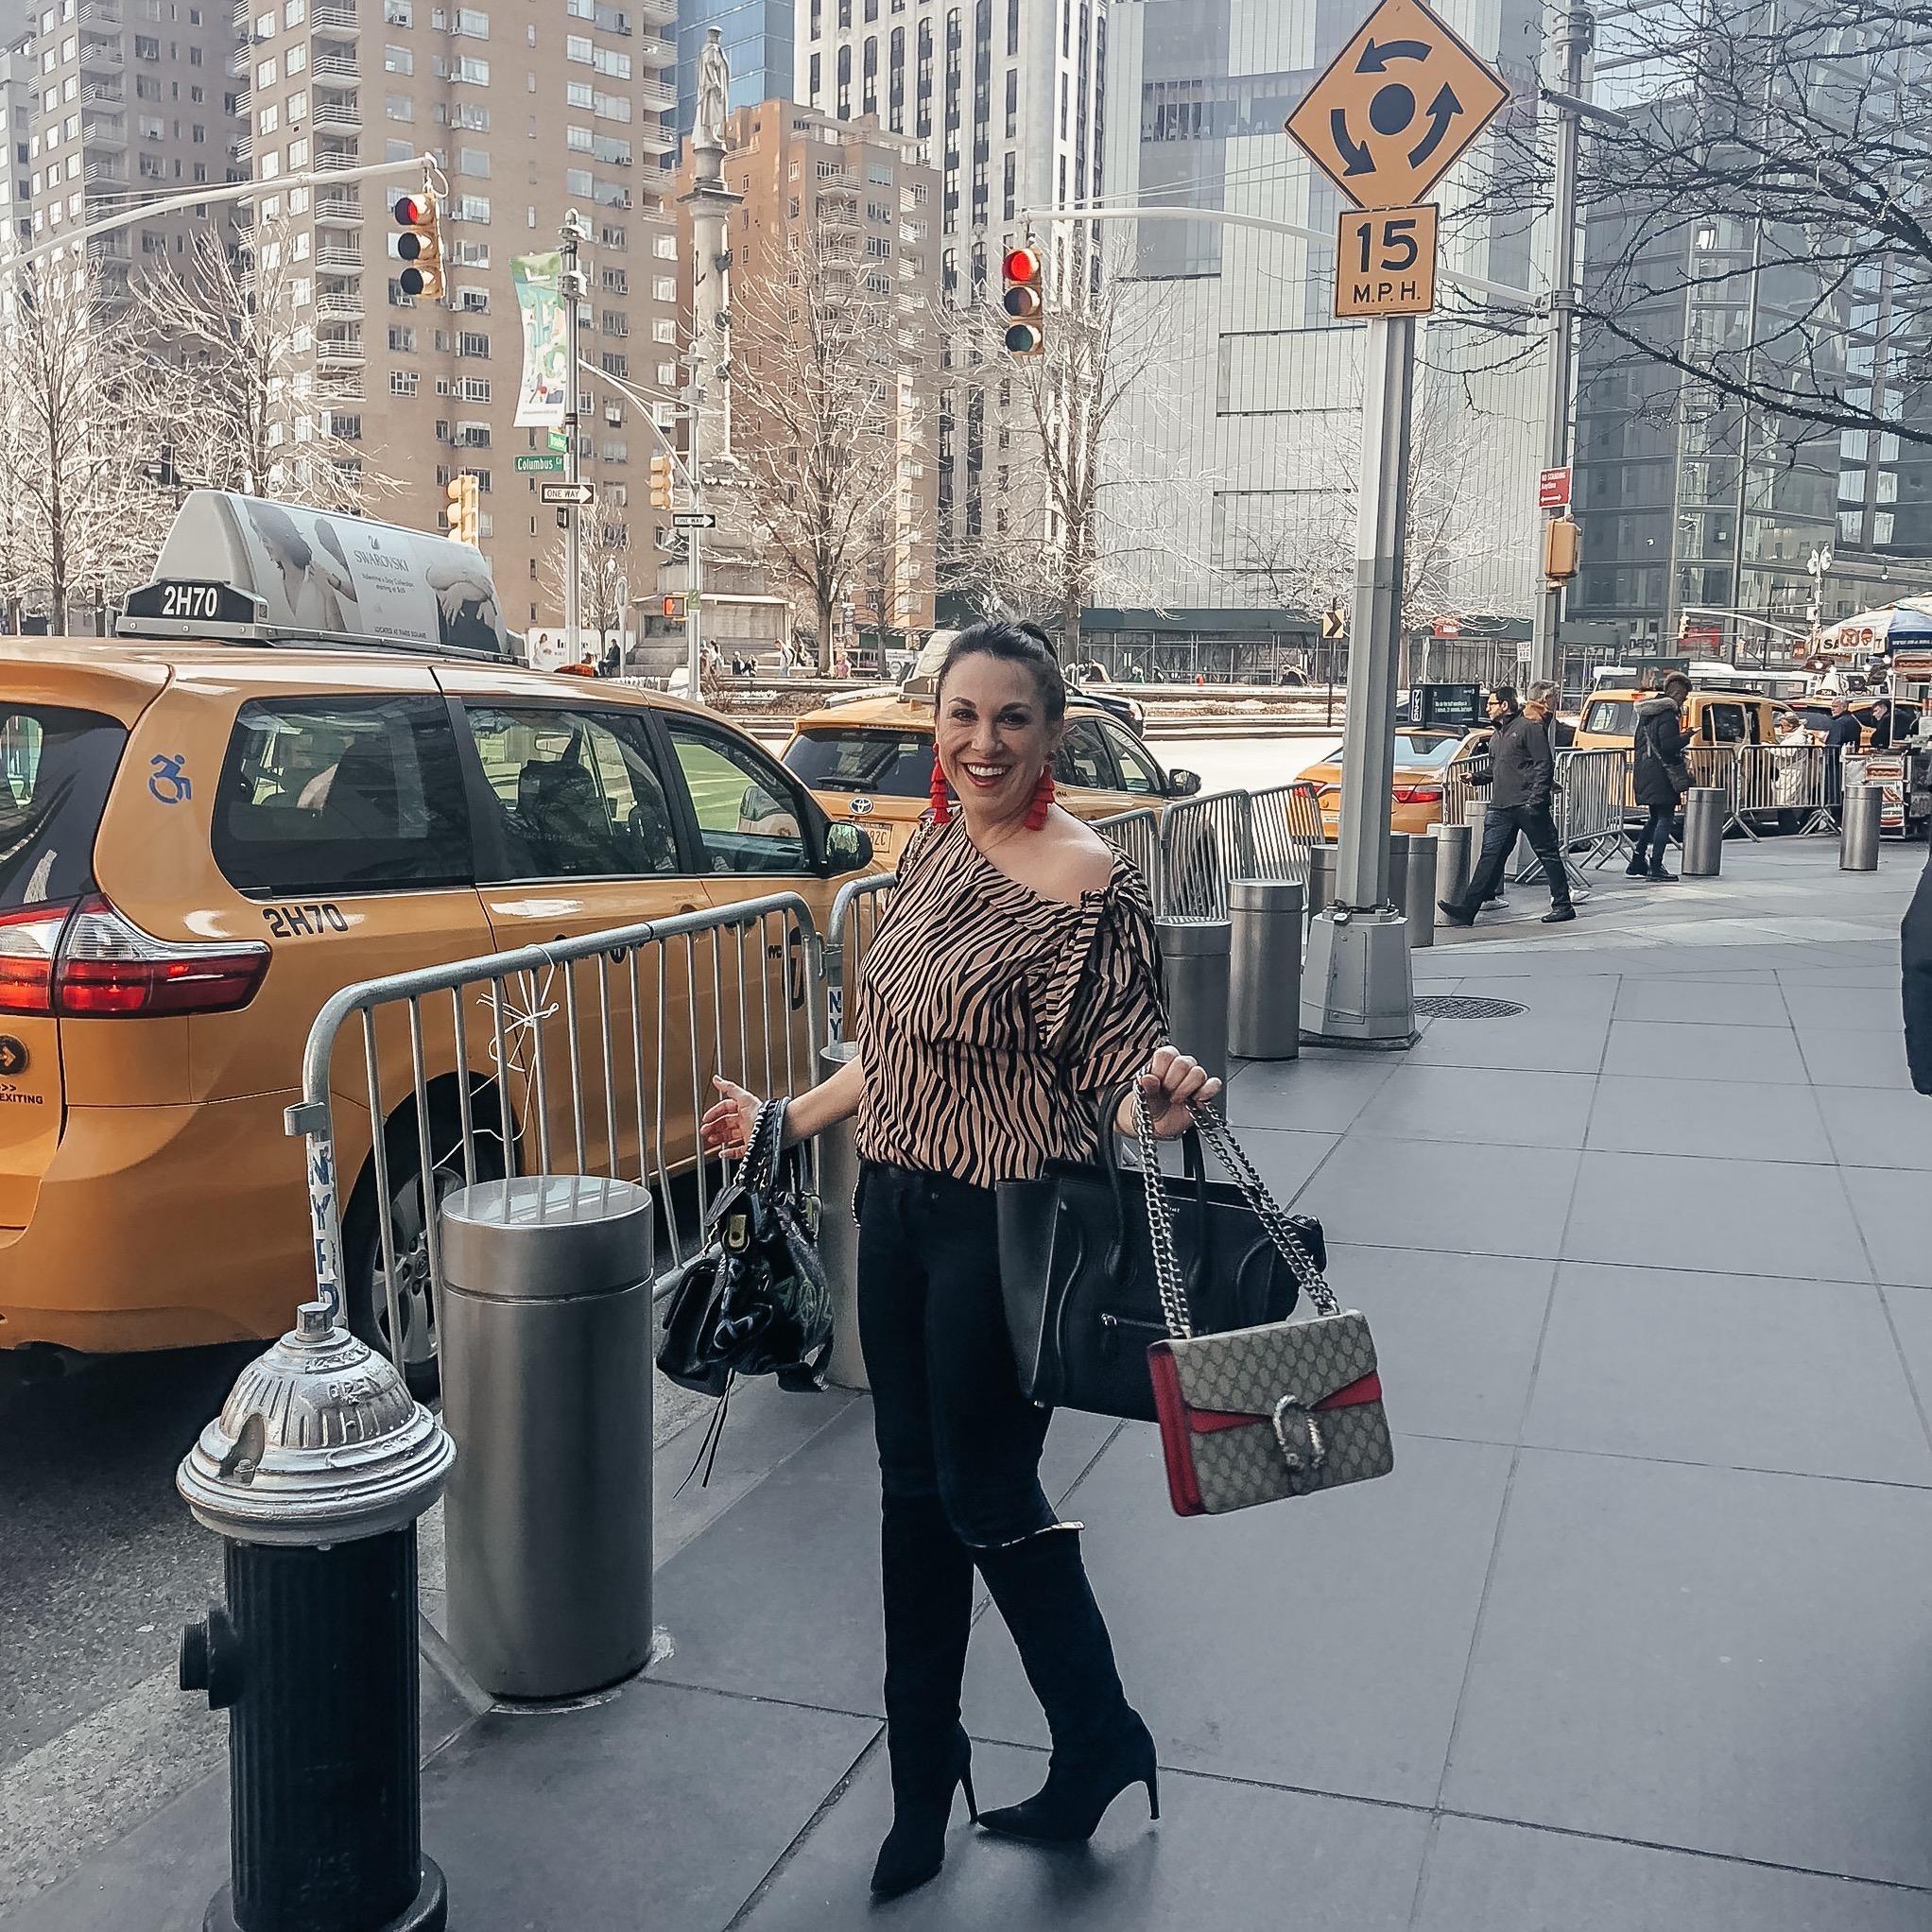 I'm gonna be a bag lady! A Fendi bag lady, but a bag lady! - -carrie bradshaw